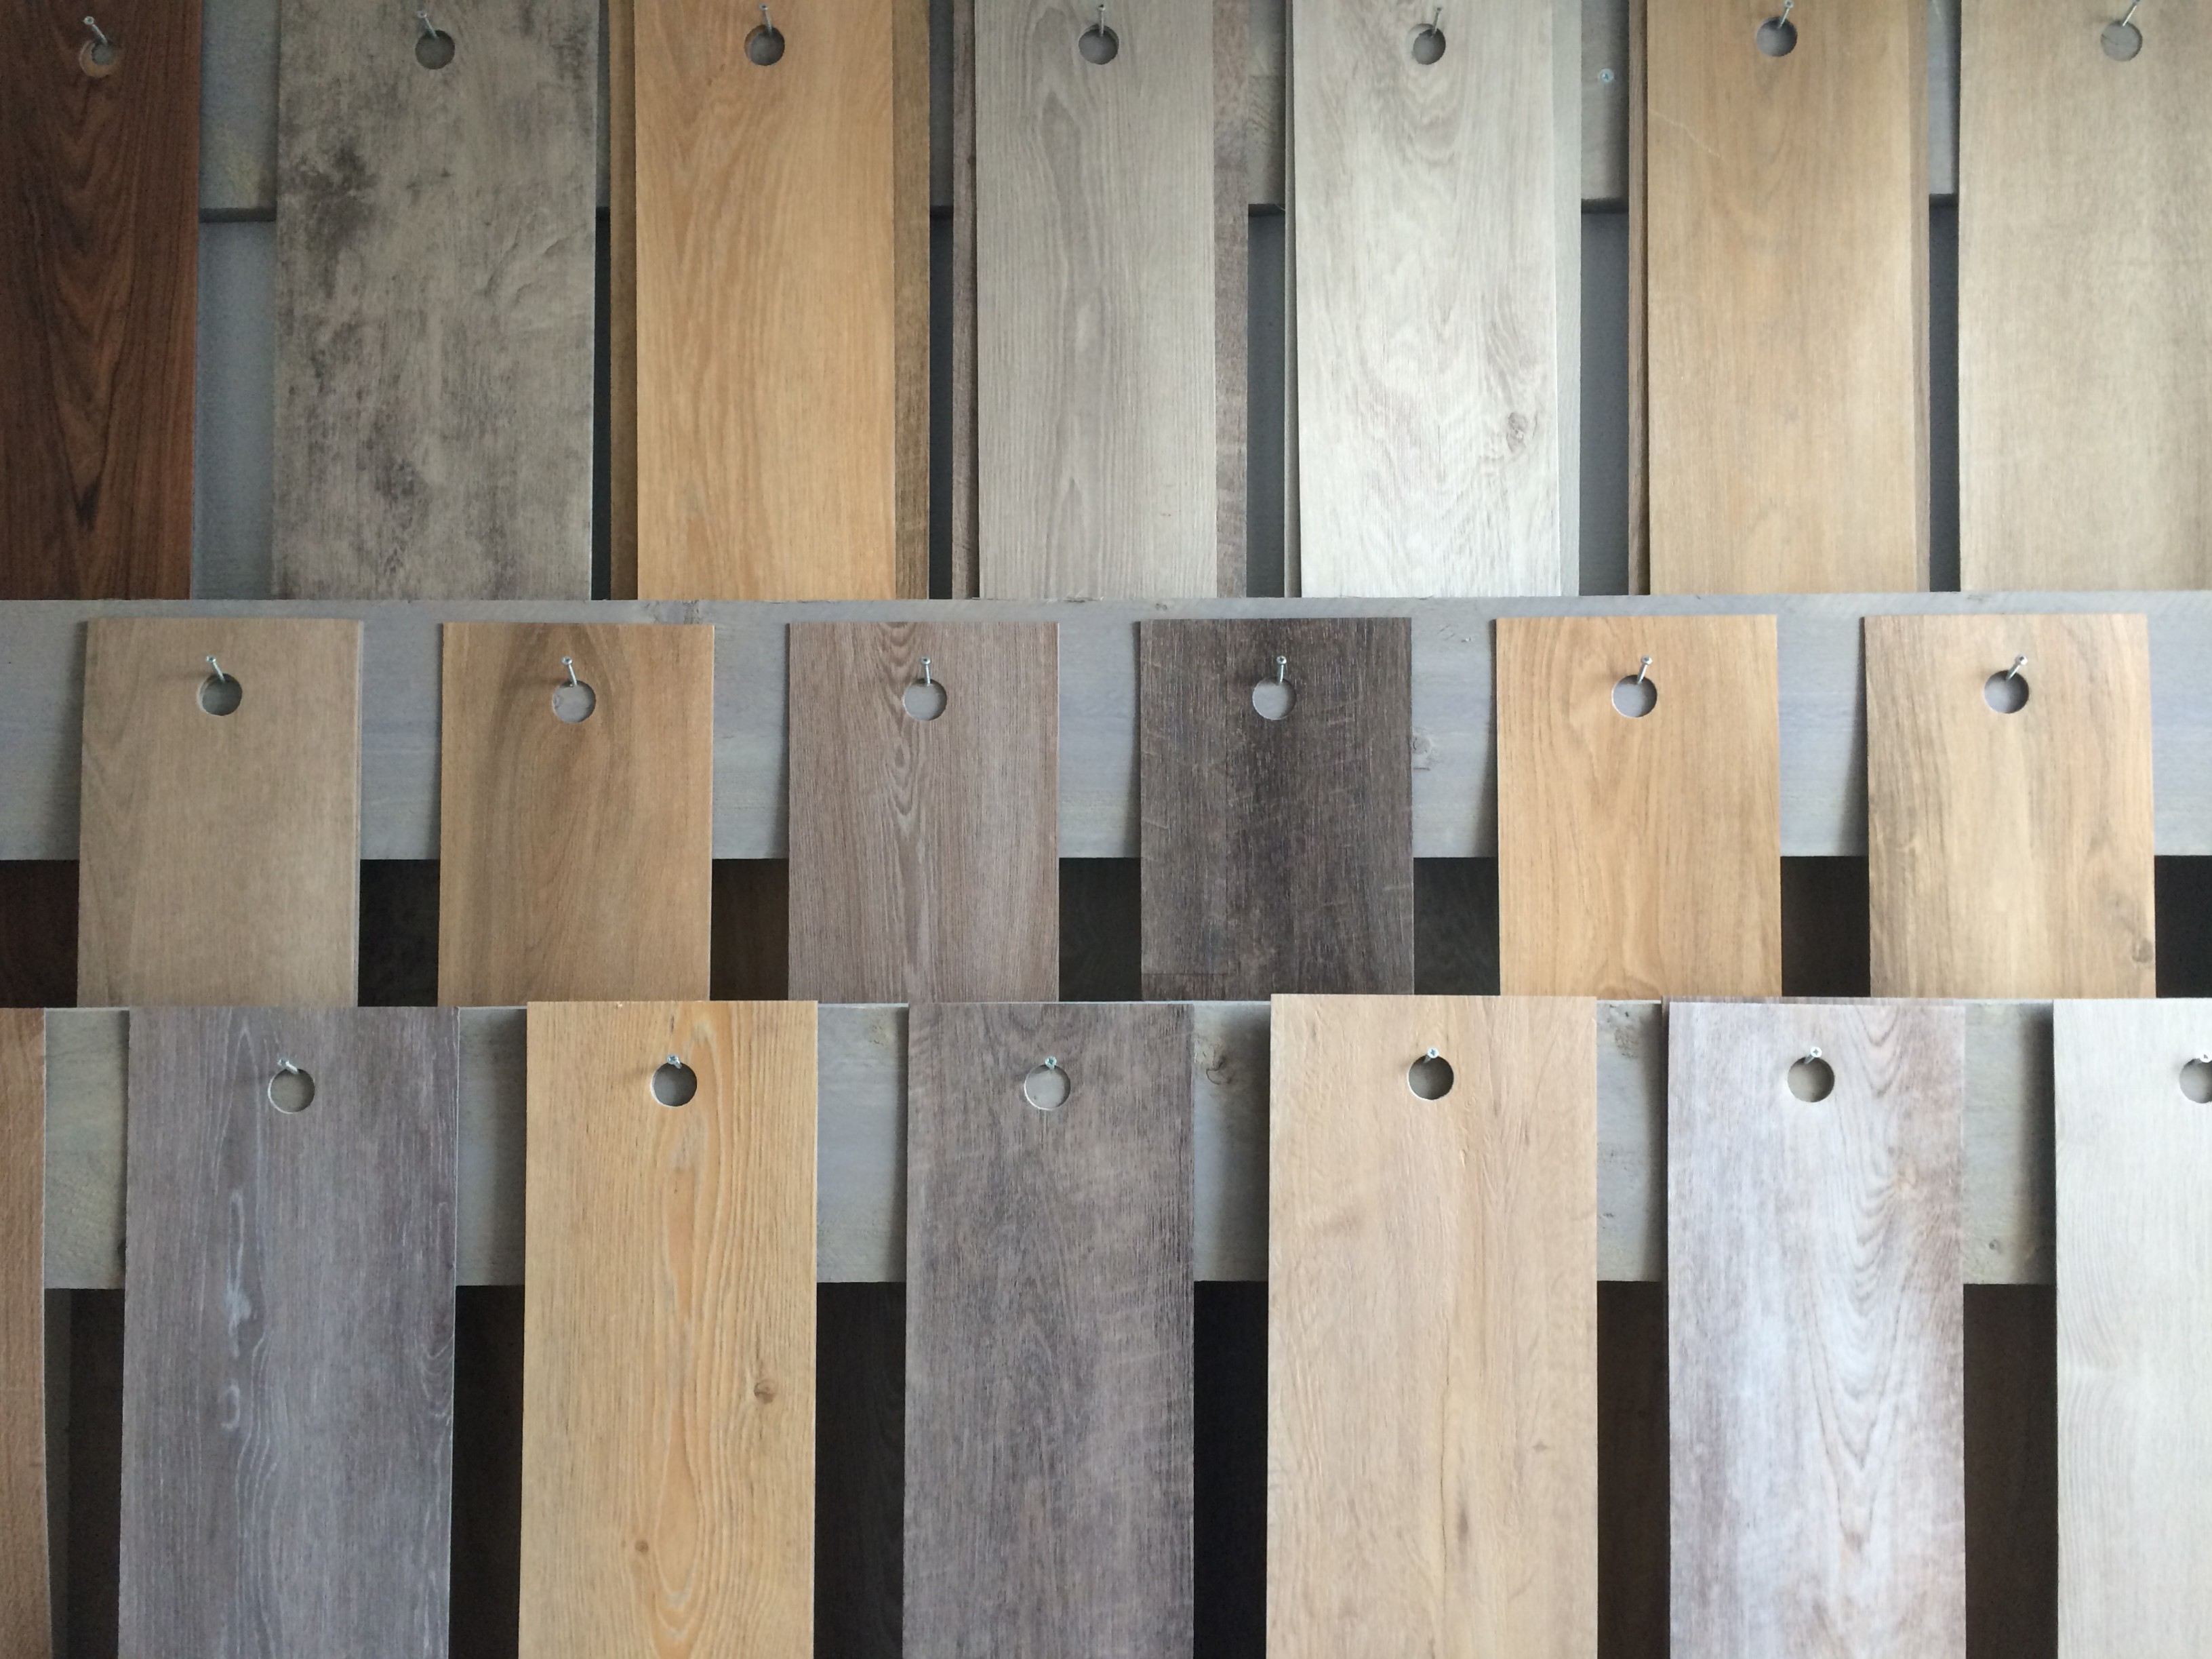 Vinyl Vloer Kleuren : Pvc vloeren en kleuren betonlook gietvloer marmerlook